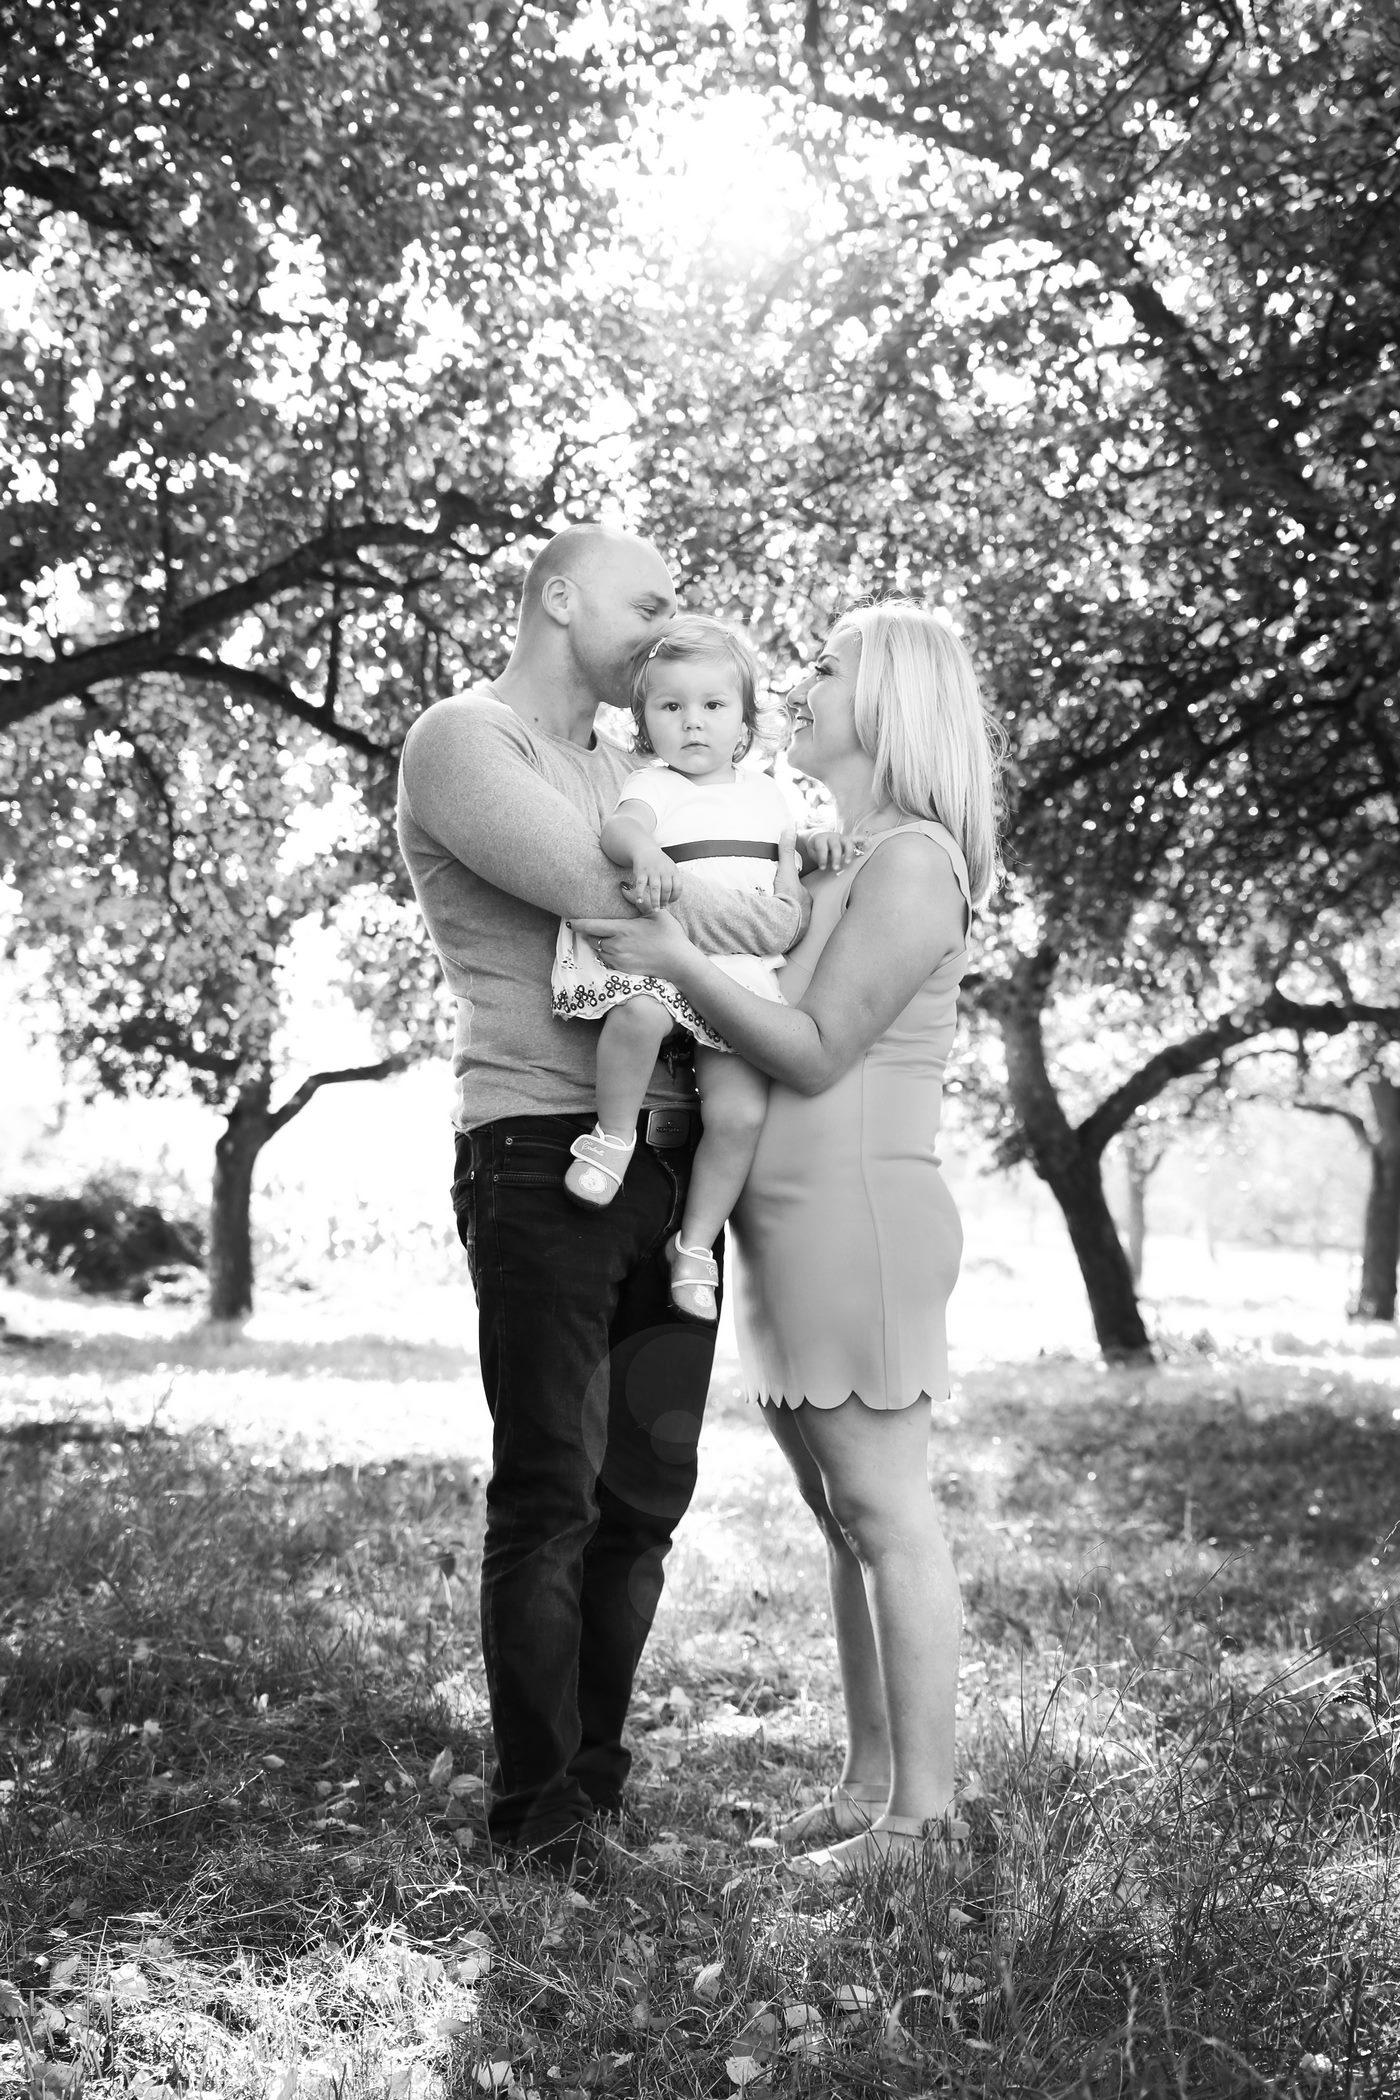 Familienshooting unter Obstbäumen in schwarzweiß